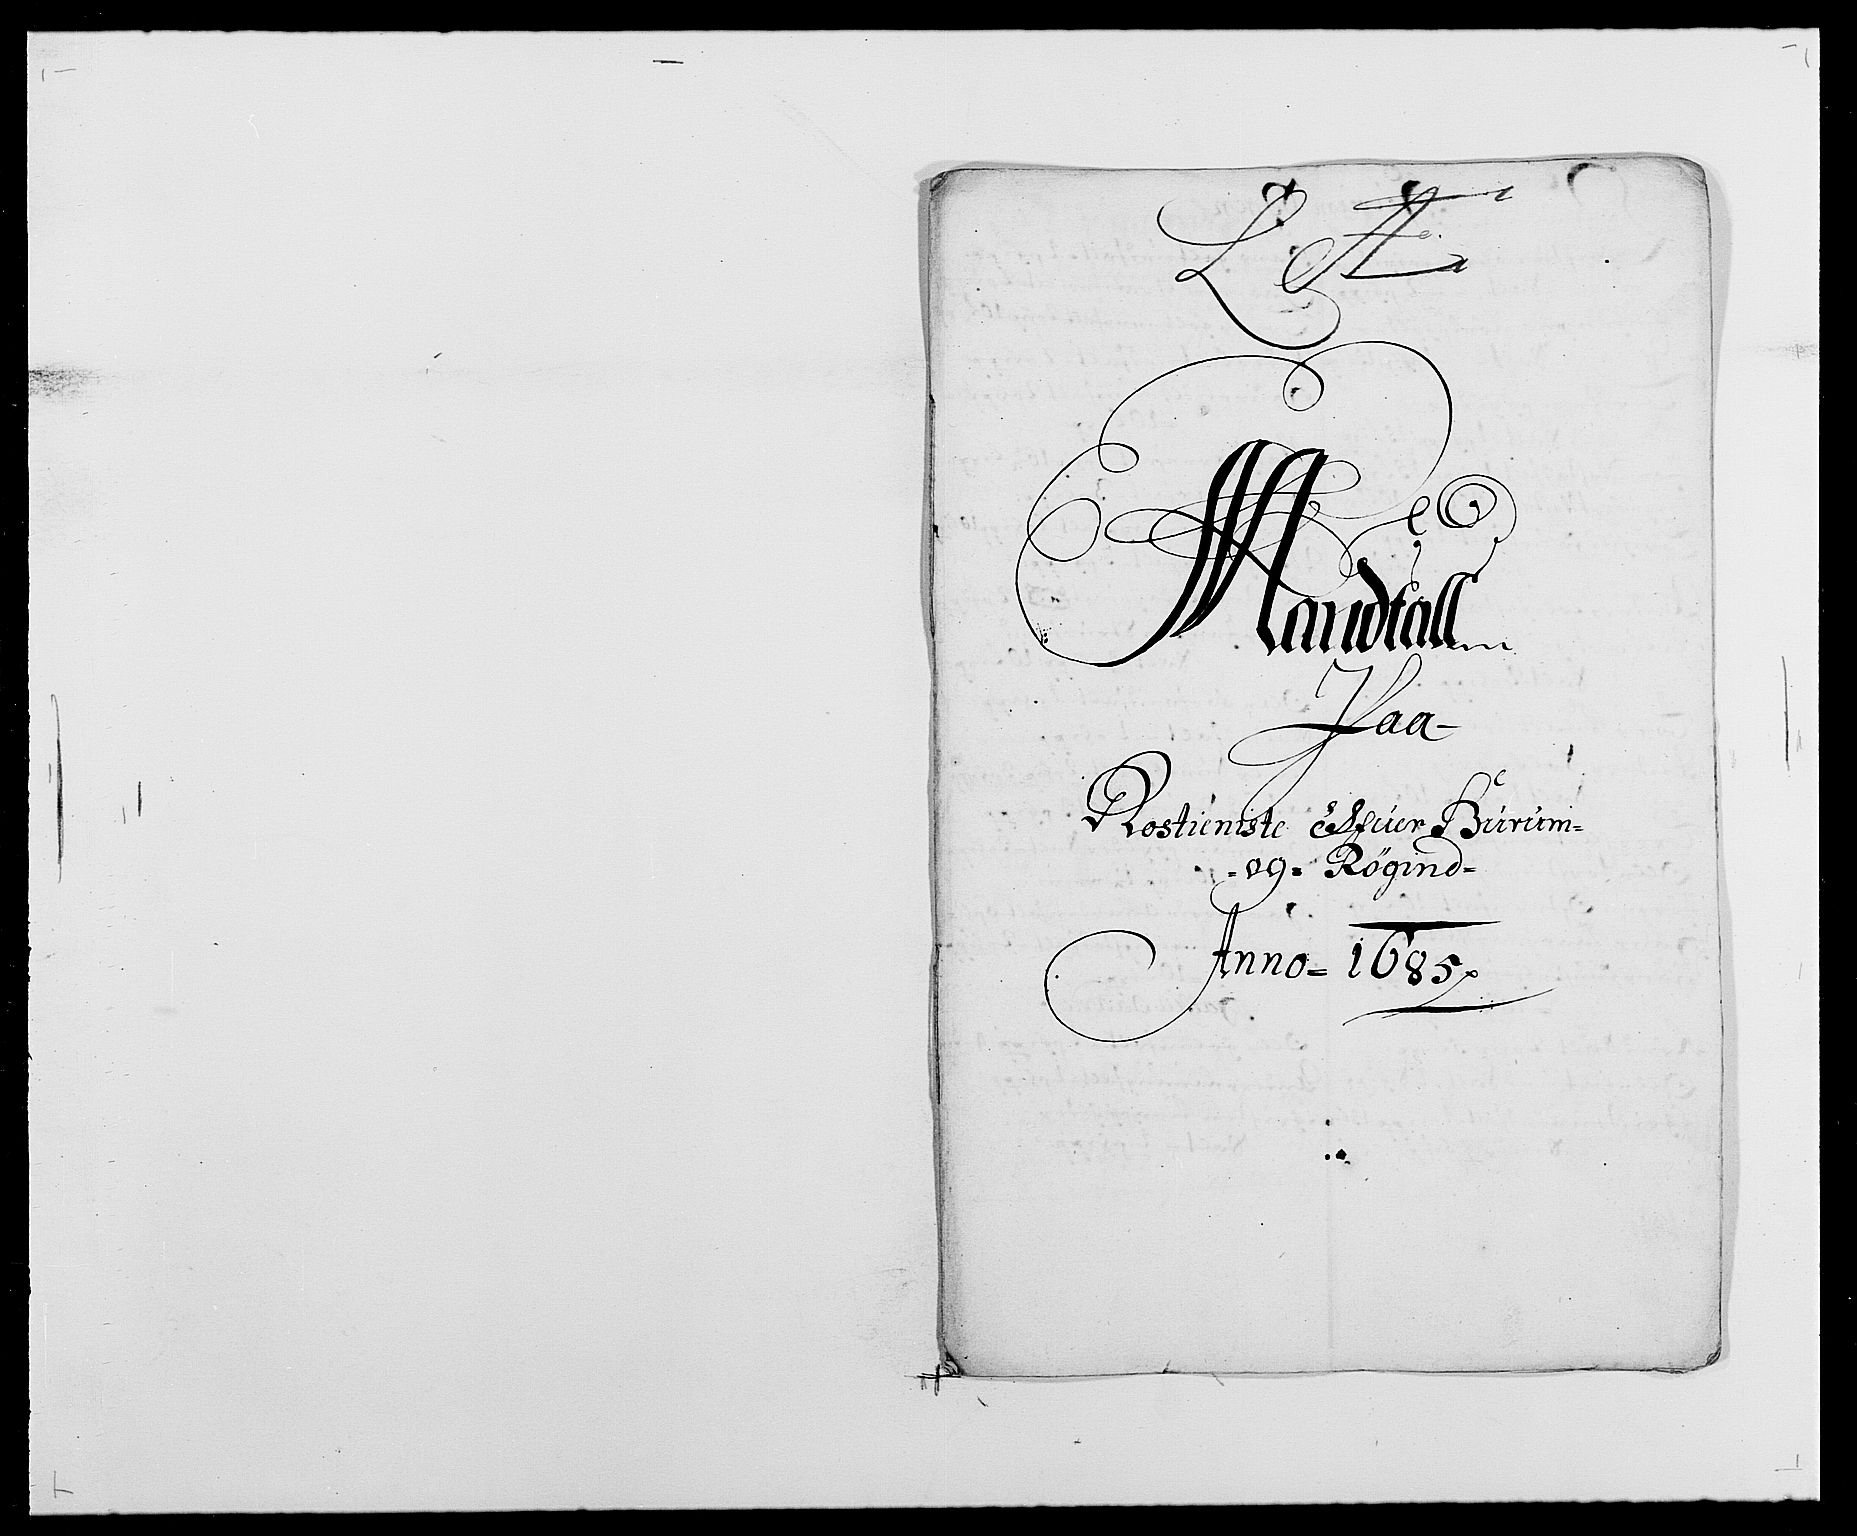 RA, Rentekammeret inntil 1814, Reviderte regnskaper, Fogderegnskap, R29/L1692: Fogderegnskap Hurum og Røyken, 1682-1687, s. 261